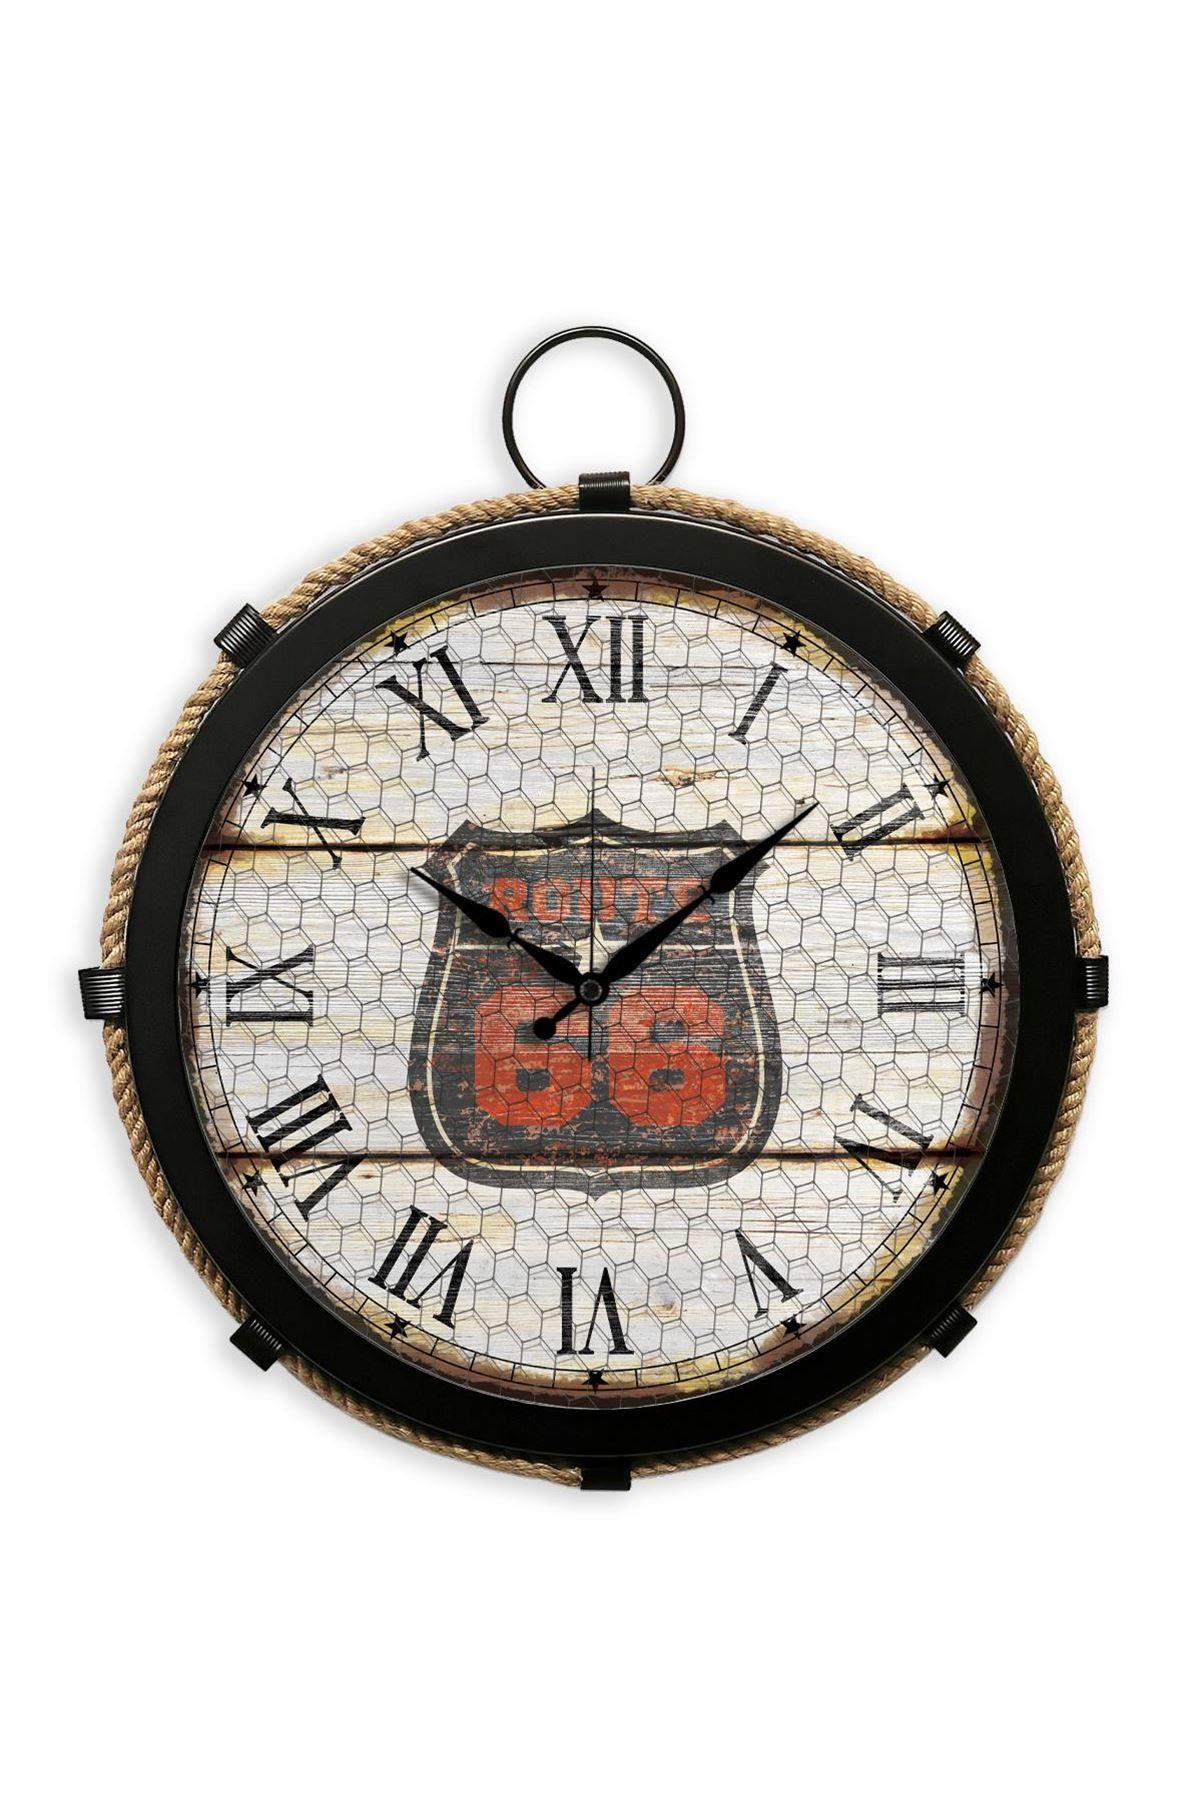 Rikon Büyük Boy Metal Siyah Halatlı Denizci Saati 35X35 Cm